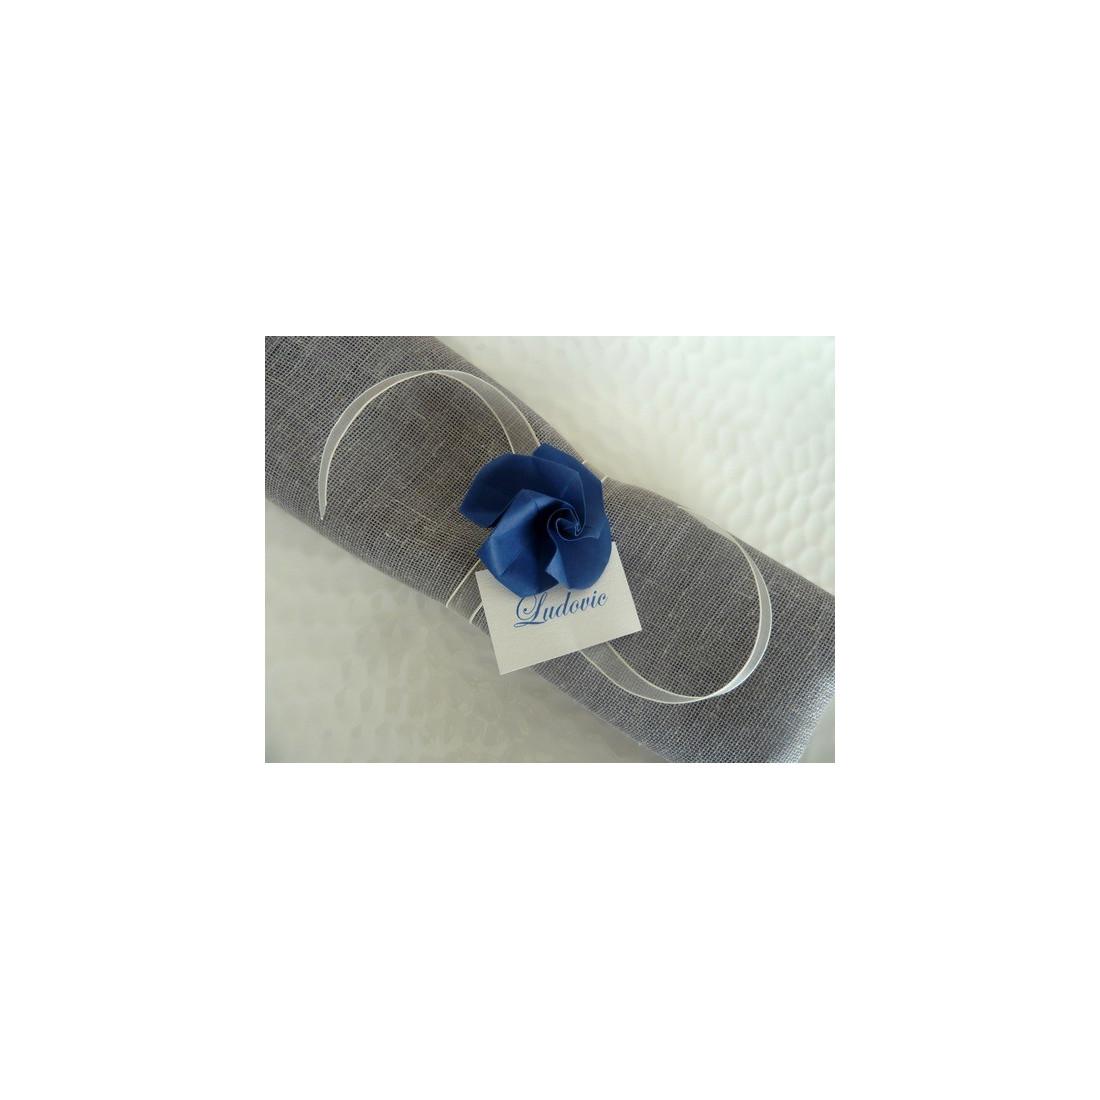 rond de serviette marque place pour mariage en origami rose bleue en papier ruban organza ivoire. Black Bedroom Furniture Sets. Home Design Ideas